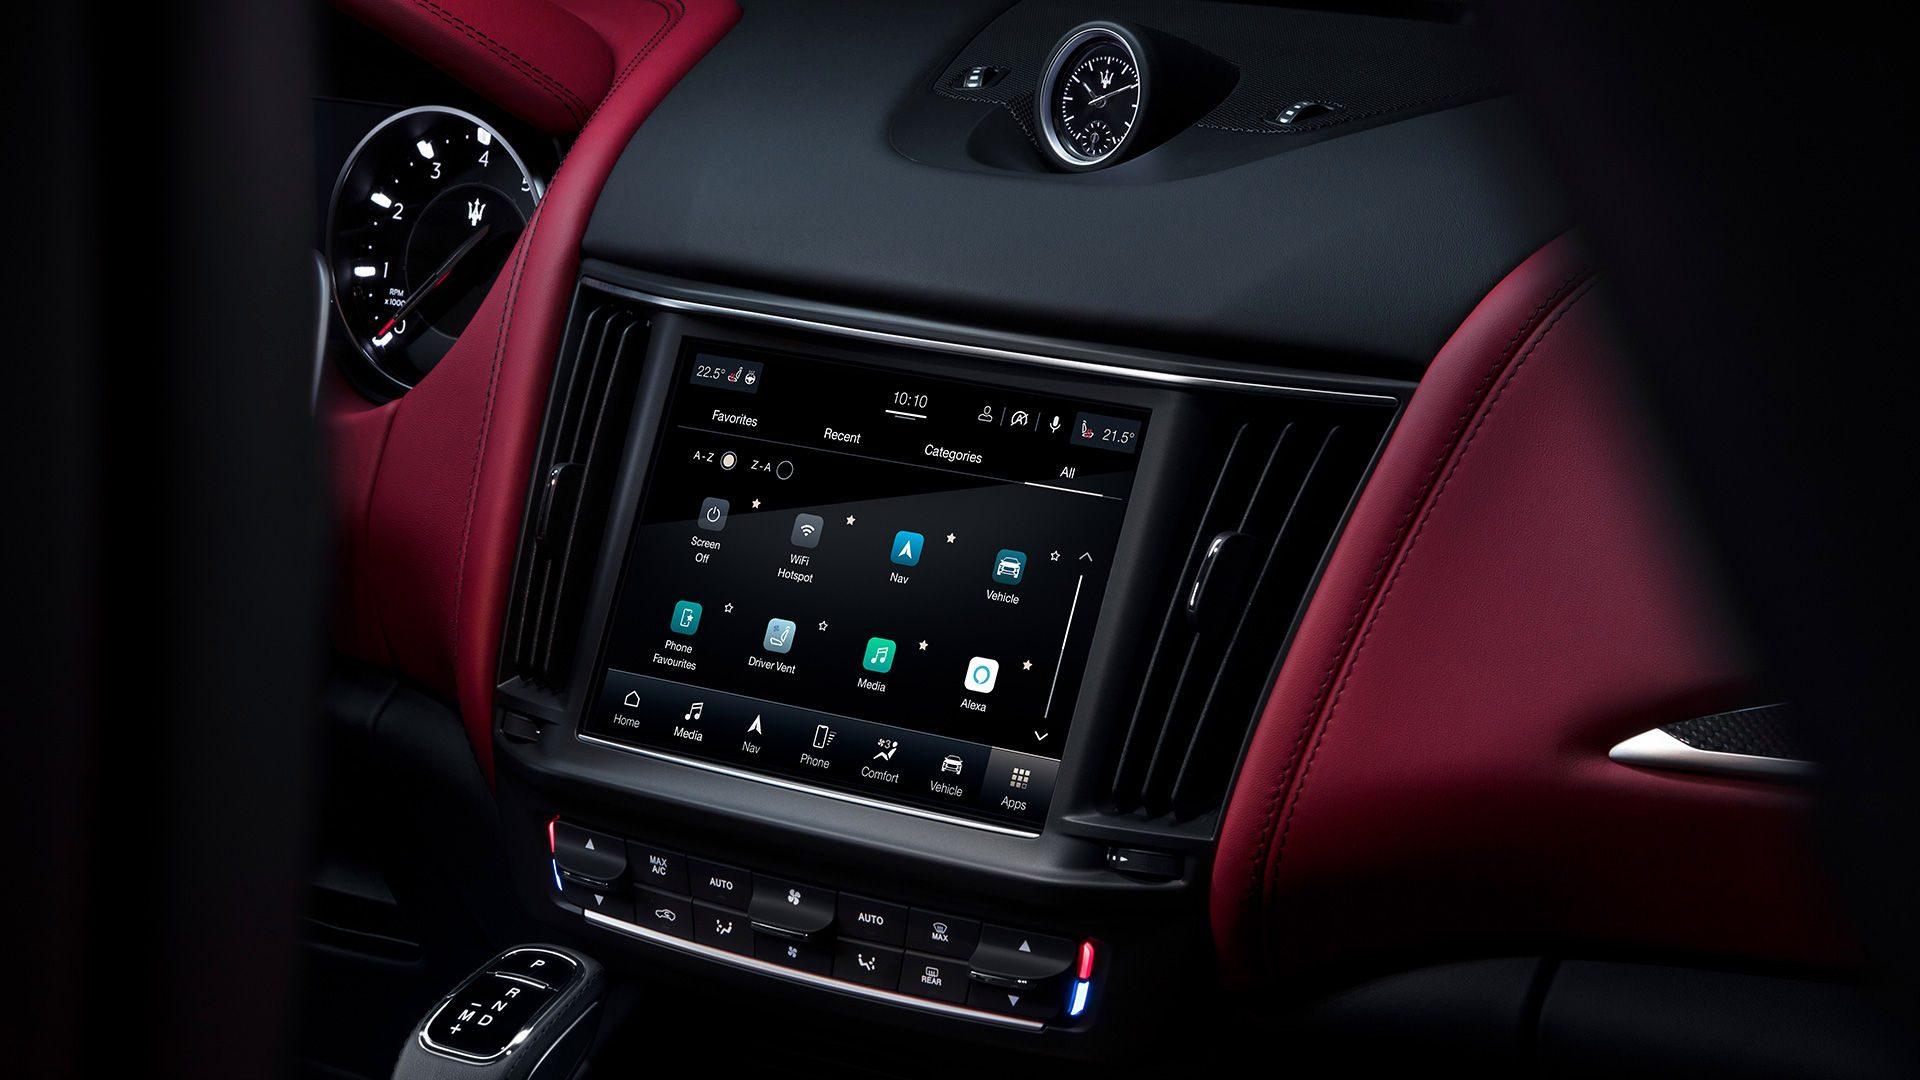 Aangedreven door Android Automotive OS, biedt de nieuwe generatie MIA - Maserati Itelligent Assistant - een innovatieve en gepersonaliseerde gebruikerservaring.